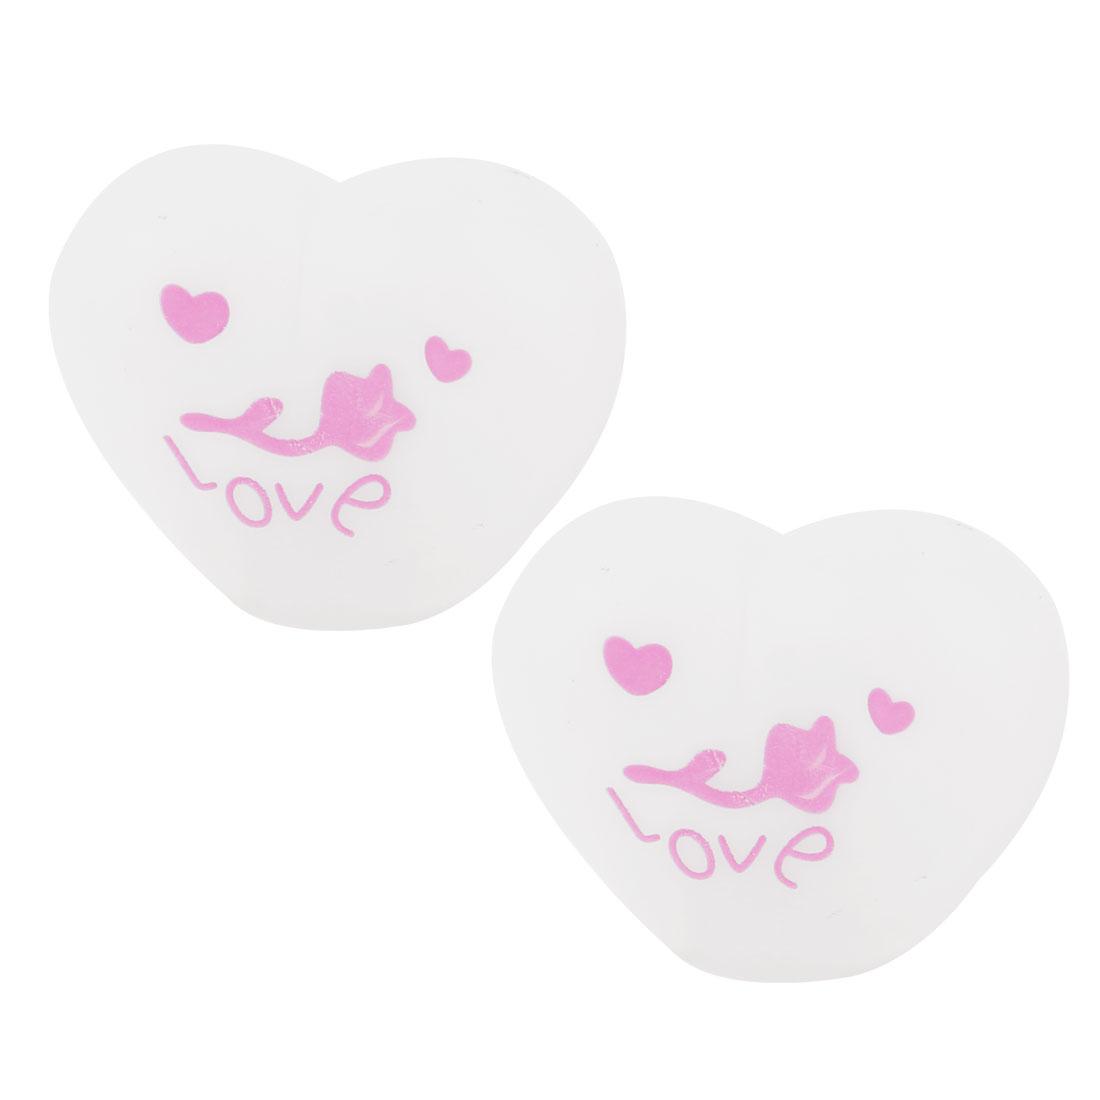 2 Pcs Love Heart Shaped Colorful LED Night Light Table Lamp White